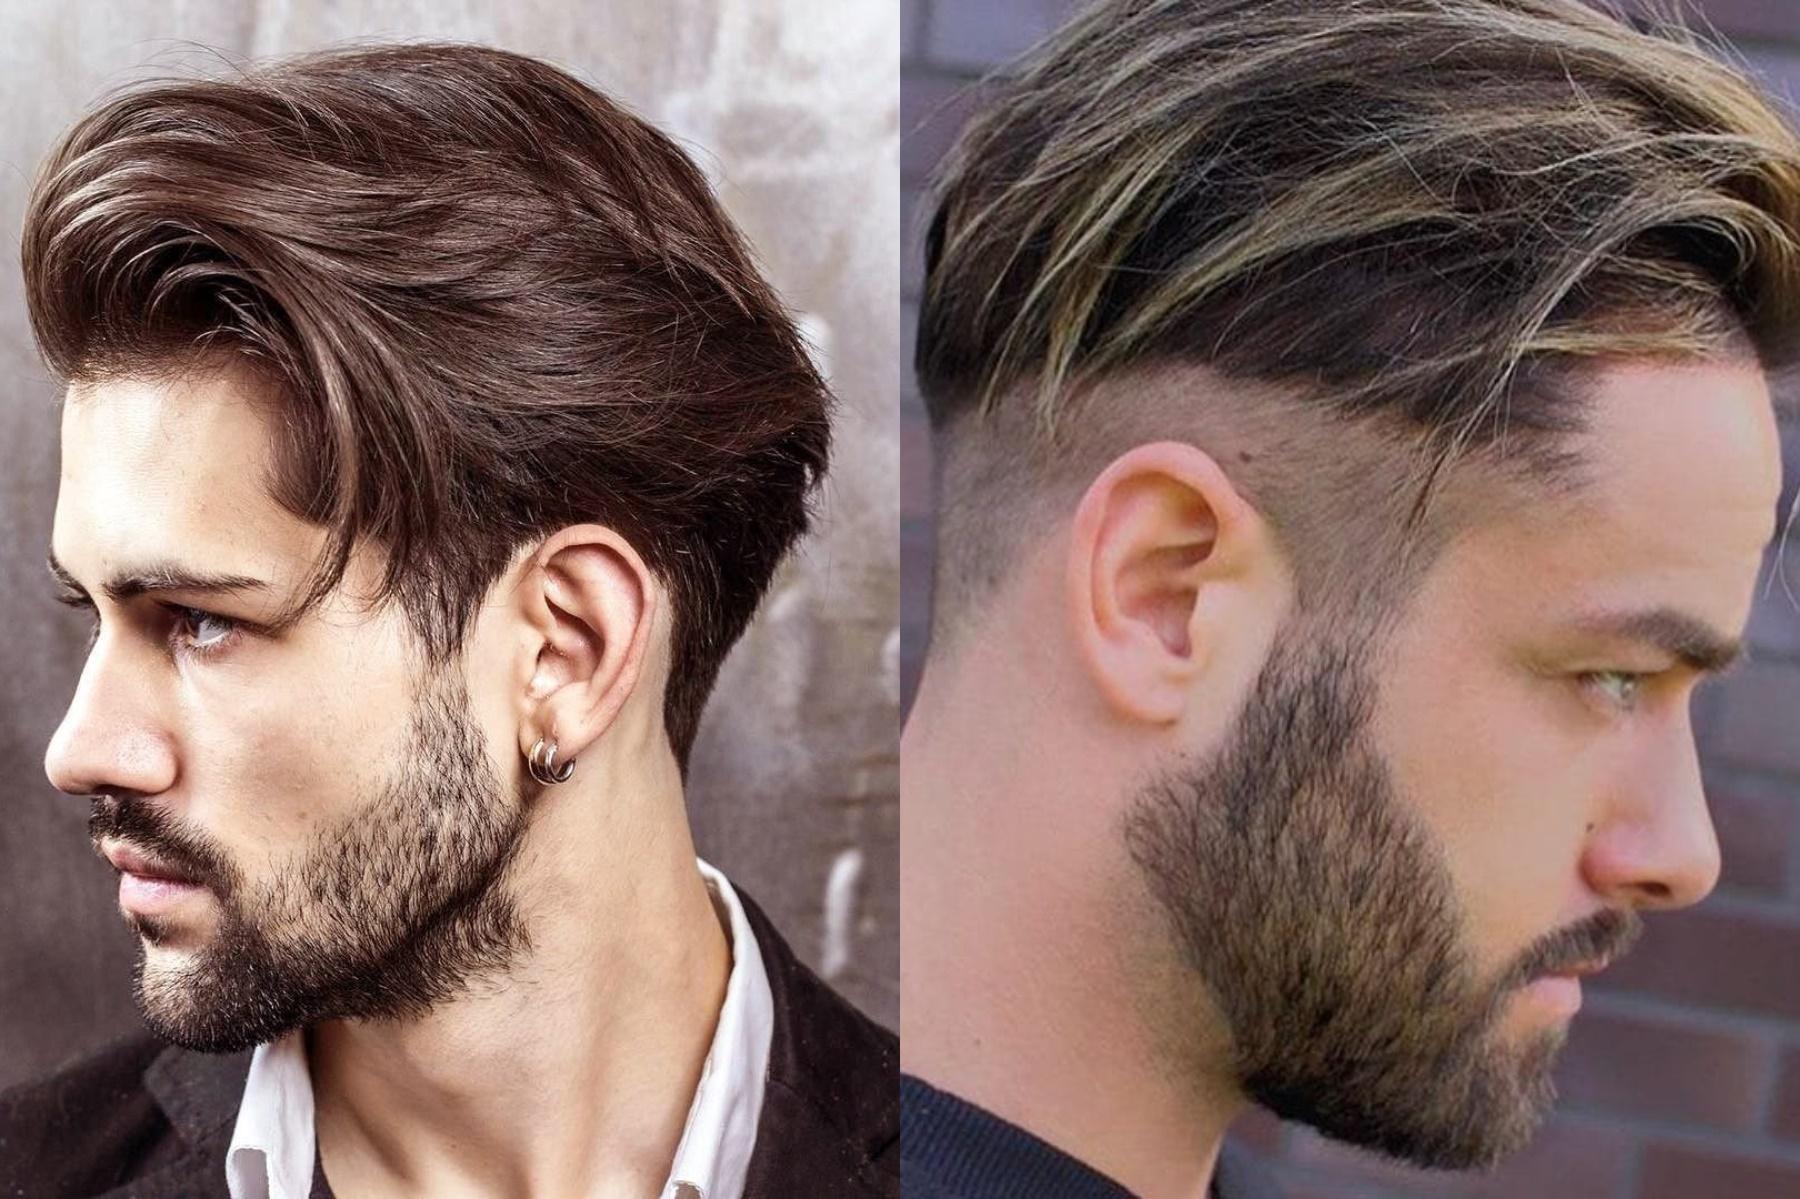 Модные мужские стрижки на средние волосы в 2020 году, фото новинки и тенденции